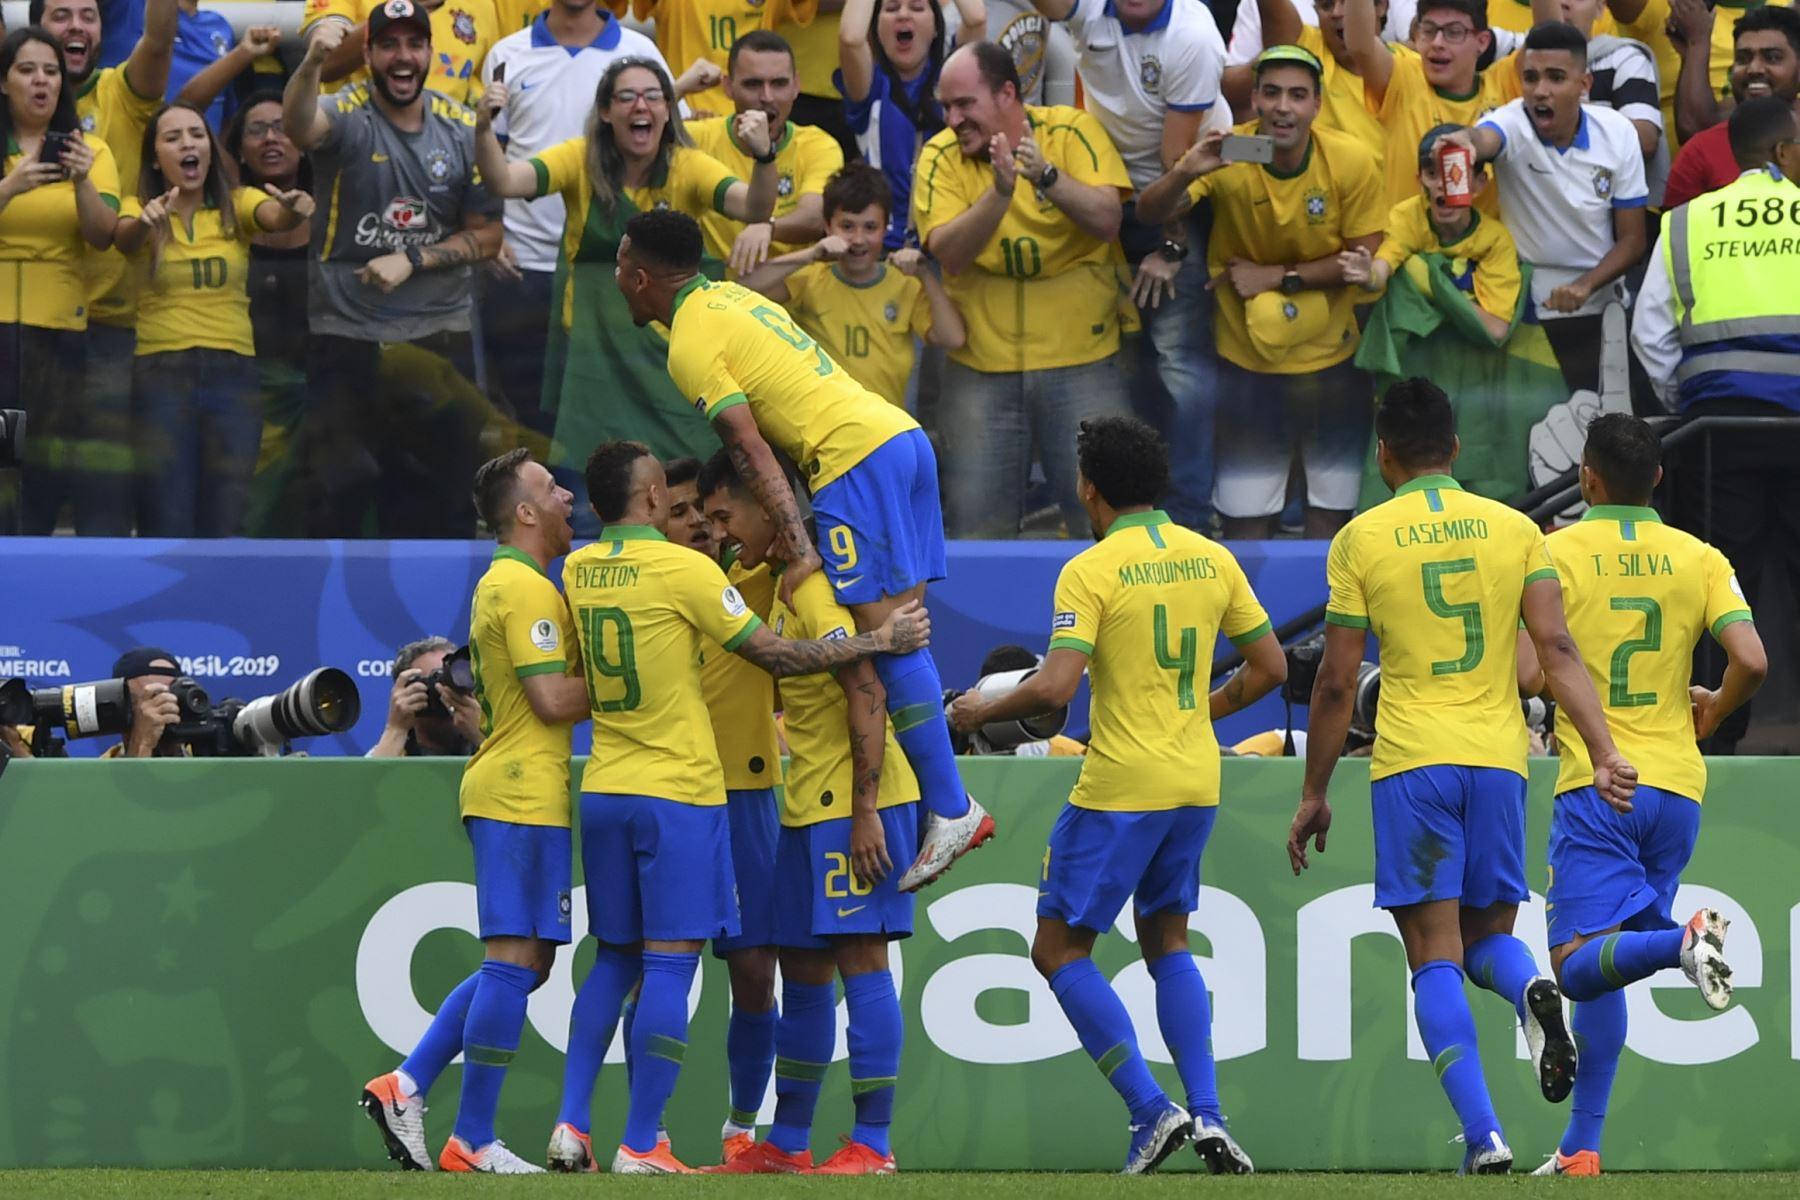 El brasileño Roberto Firmino (20) celebra con sus compañeros de equipo luego de marcar el segundo gol del equipo contra Perú durante su partido de torneo de fútbol de la Copa América. Foto: AFP